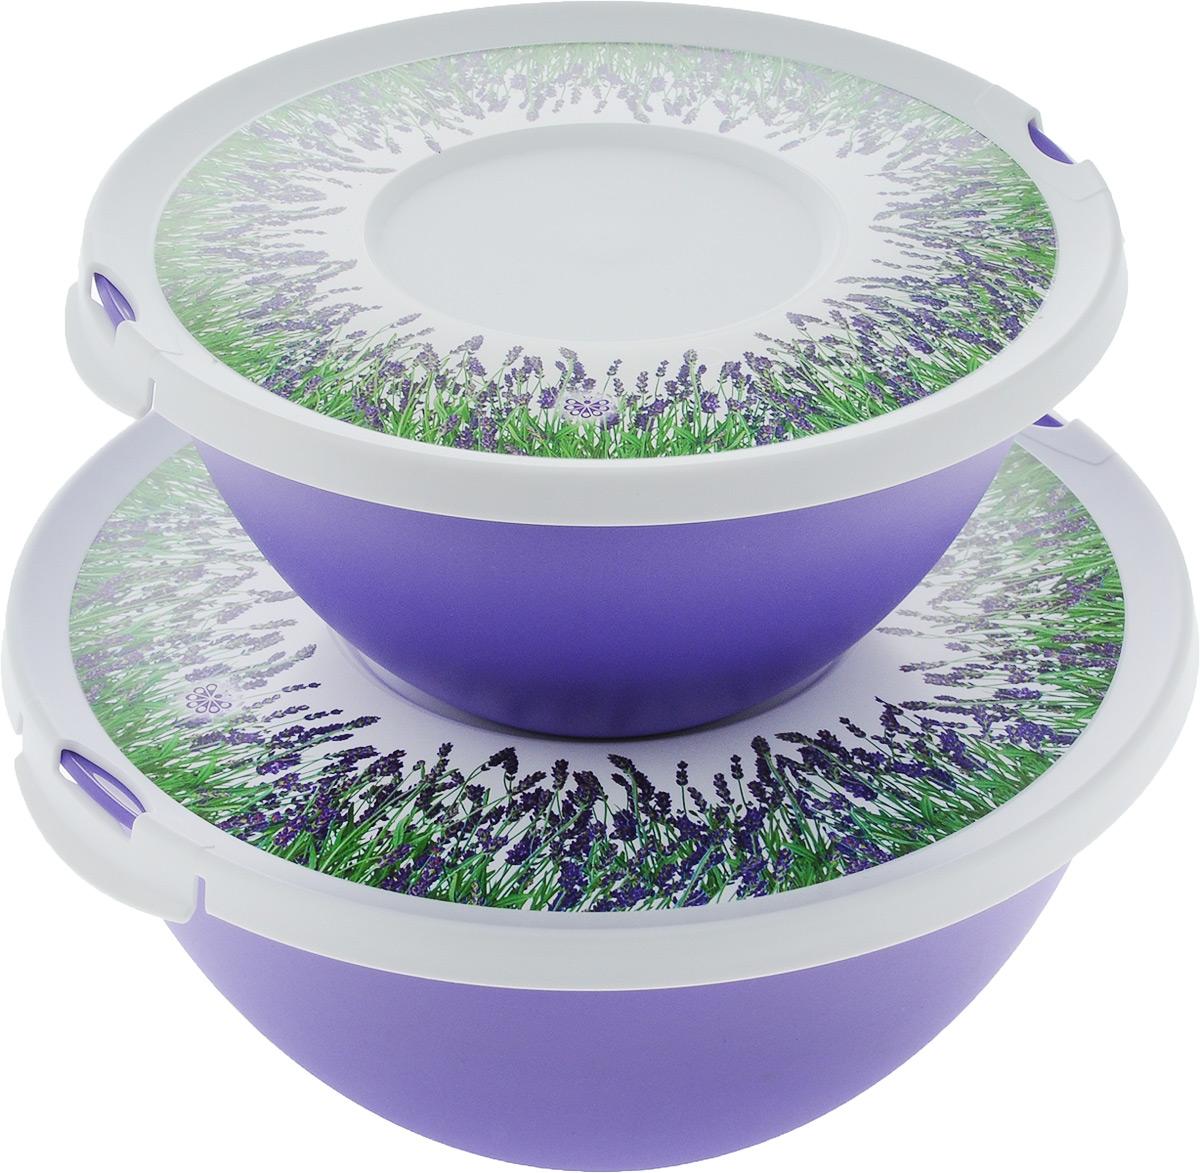 Набор мисок Полимербыт Лаванда, с крышками, 2 штFS-91909Набор Полимербыт Лаванда состоит из двух мисок разного объема. Миски оснащены крышками, закрывающимися на 2 защелки. Изделия очень функциональные, они пригодятся на кухне для самых разнообразных нужд: для хранения продуктов и красивой сервировки стола. Объем мисок: 2 л, 4 л. Диаметр мисок (по верхнему краю): 22 см, 27 см. Высота мисок: 11 см, 13 см.